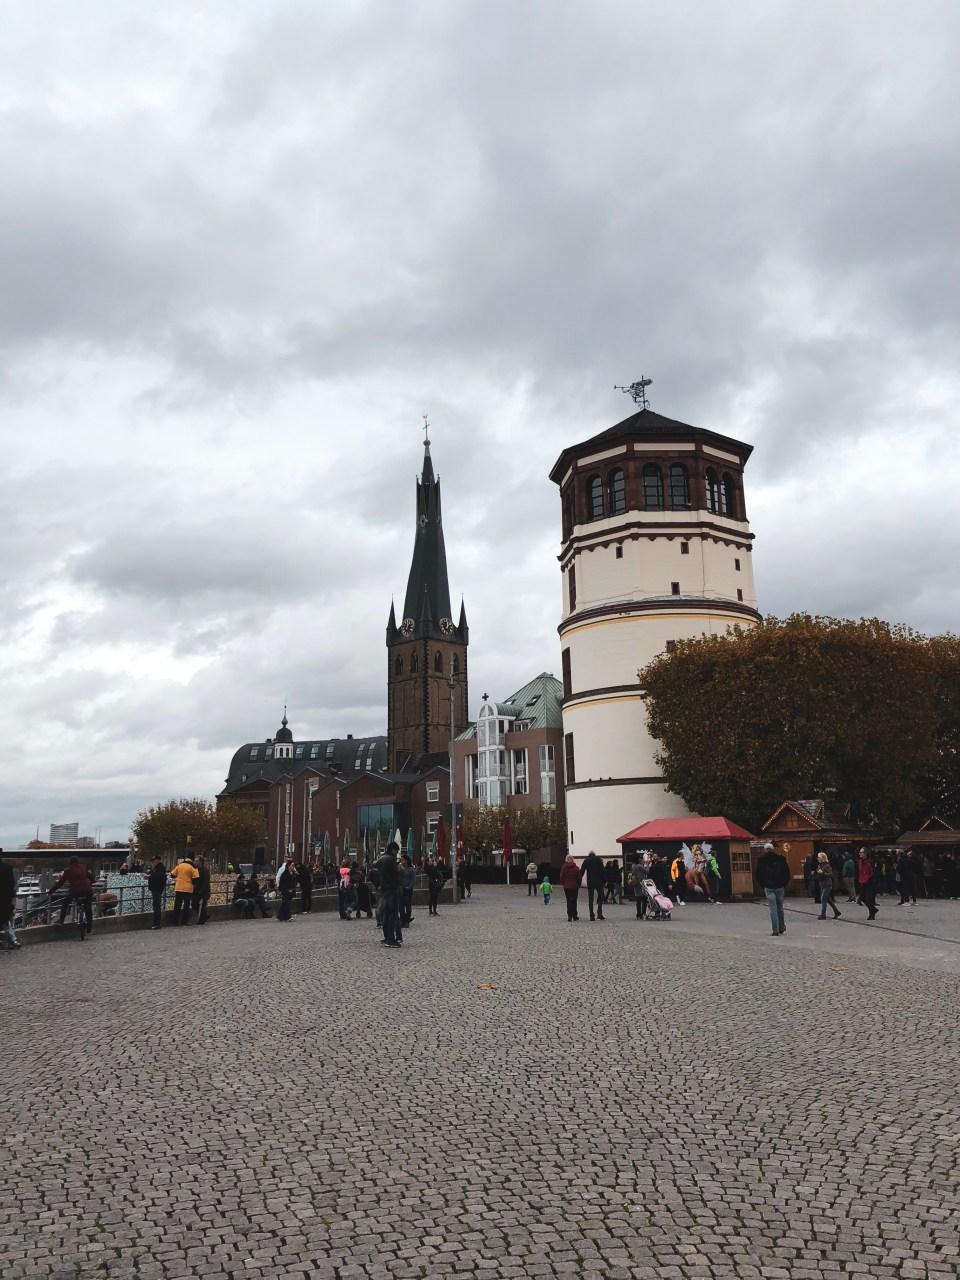 Burgplatz - Castle Tower